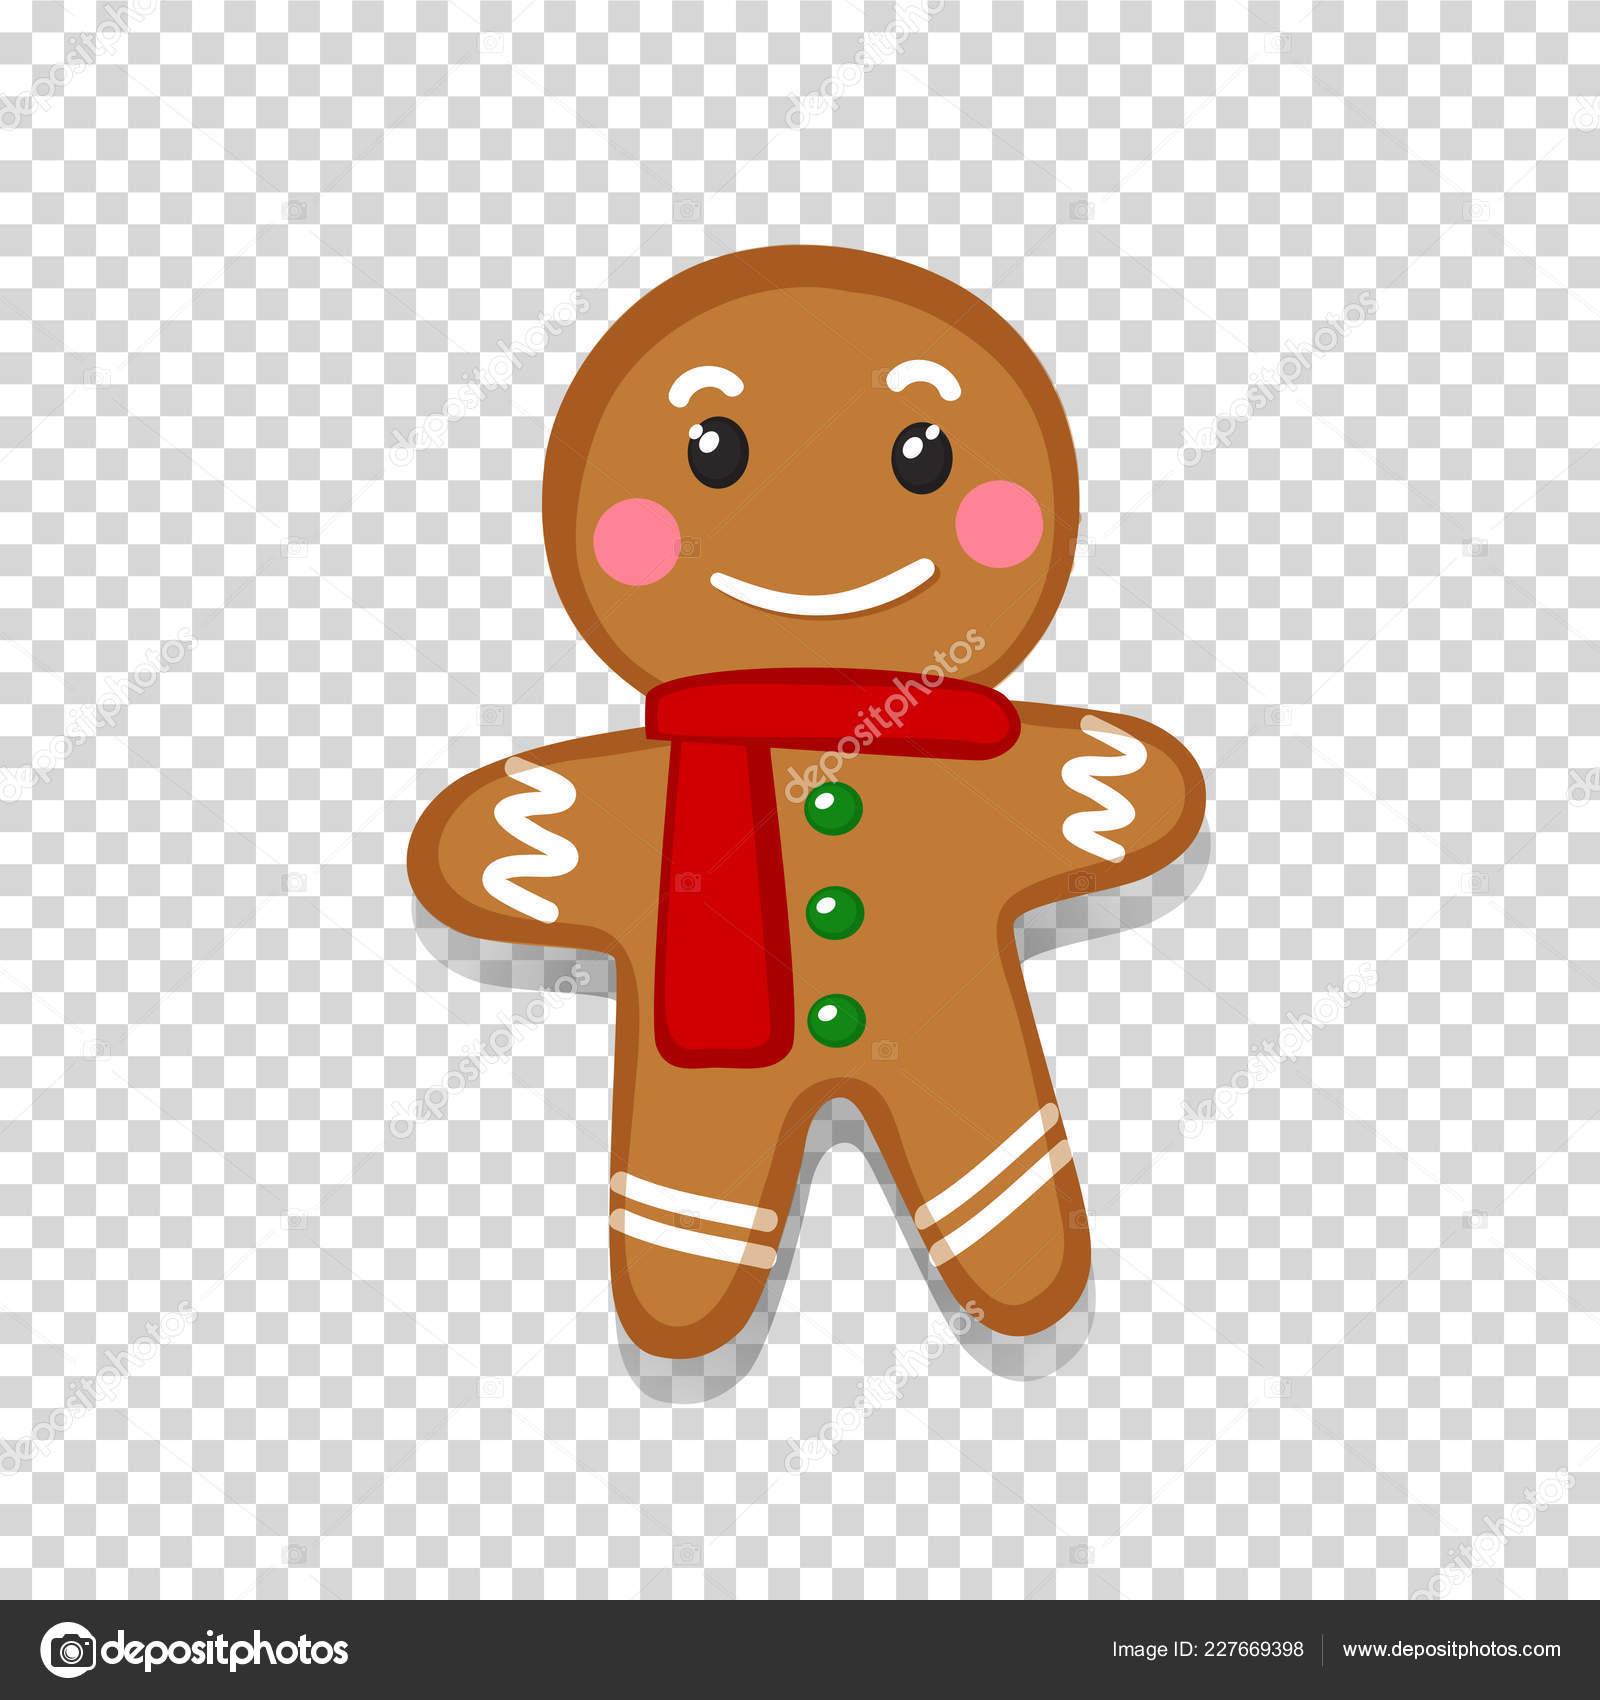 Weihnachtsplätzchen Clipart.Vektor Illustration Von Süß Lächelnd Cartoon Lebkuchenmann Isoliert